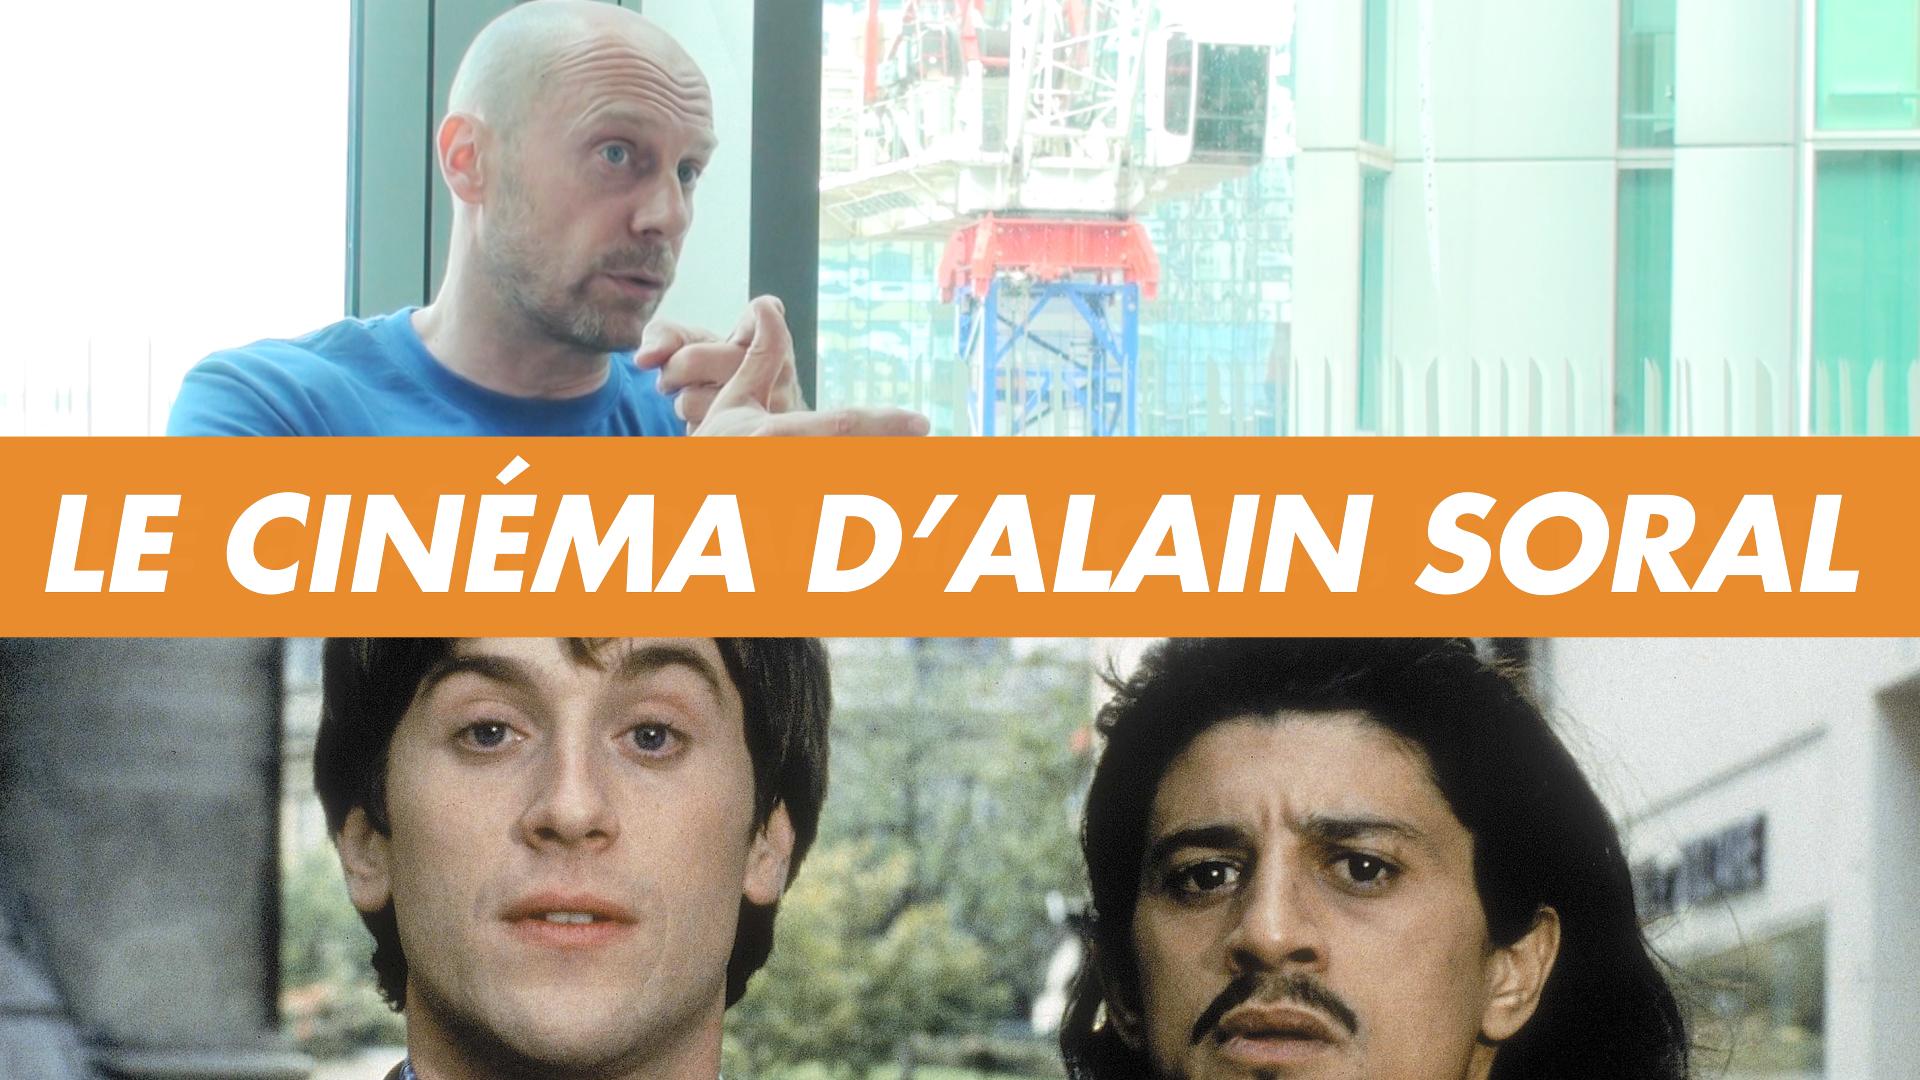 Le cinéma d'Alain Soral : un entretien avec Alain Soral disponible pour tous en vidéo à la demande